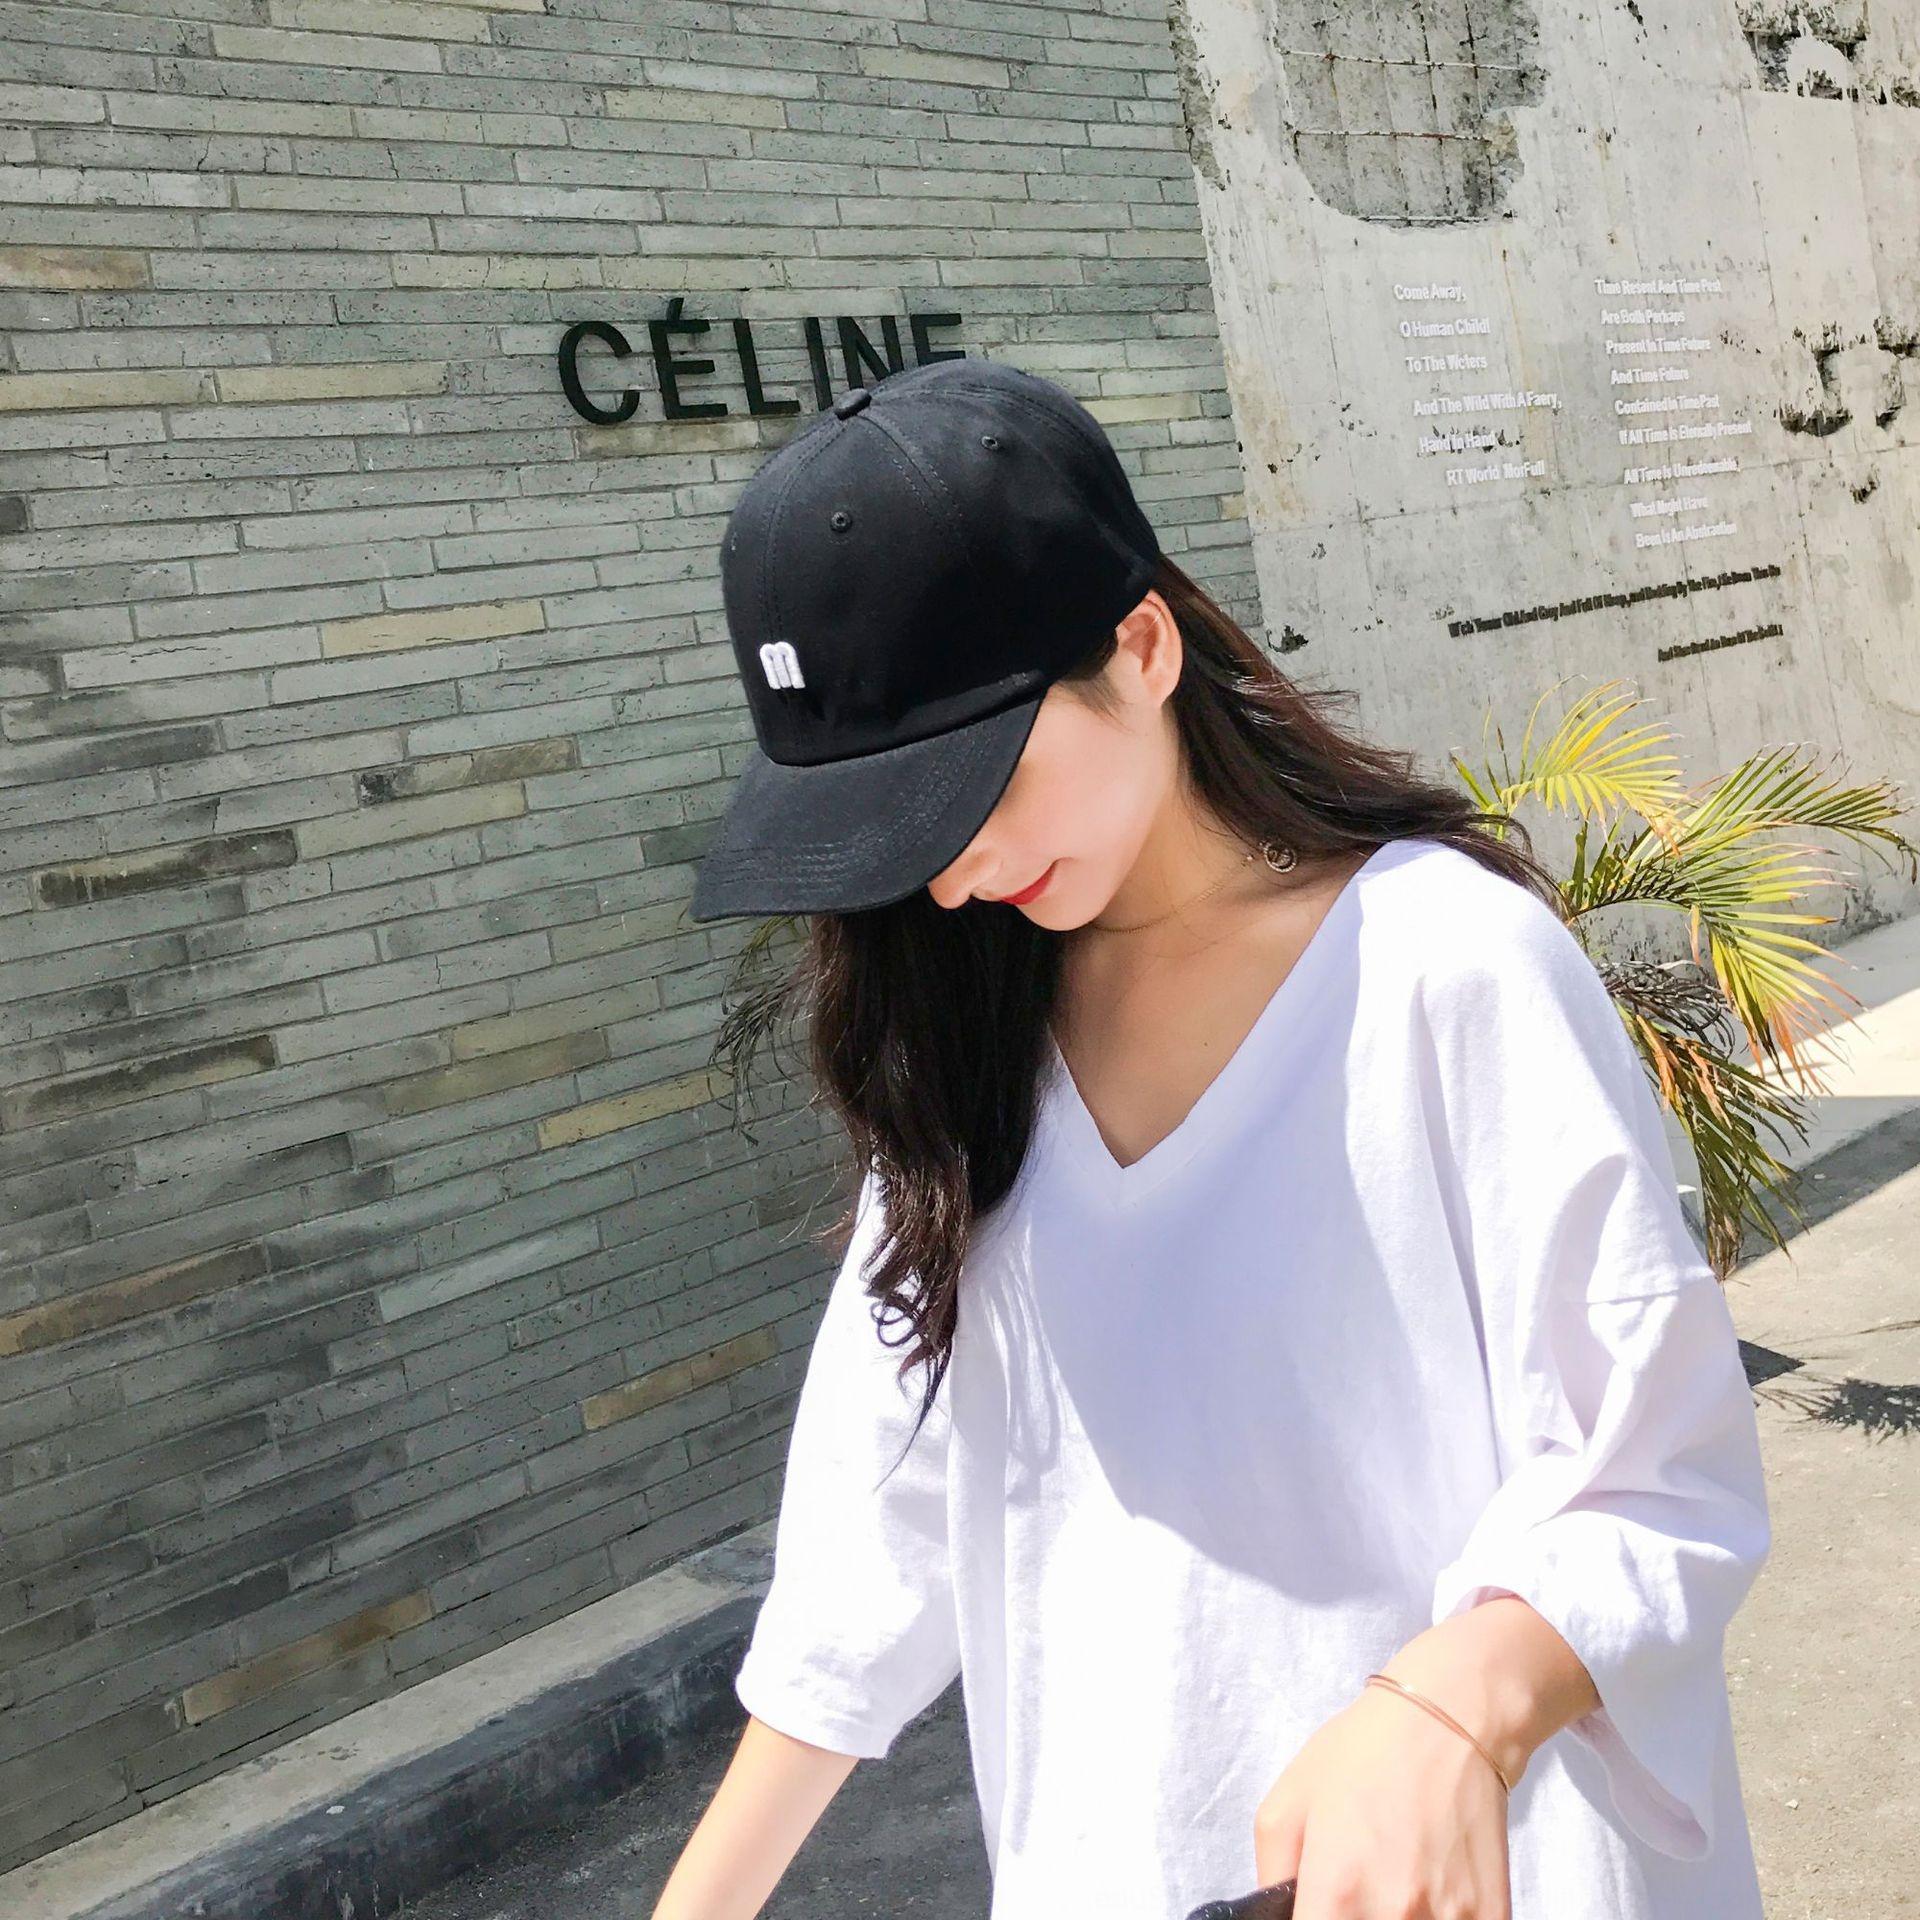 Yeni Koreli gölge kadın yaz yaratıcı yeni açık beyzbol güneş şapkası beyzbol şapkası güneş şapkası çift rahat güneş kremi kapağı